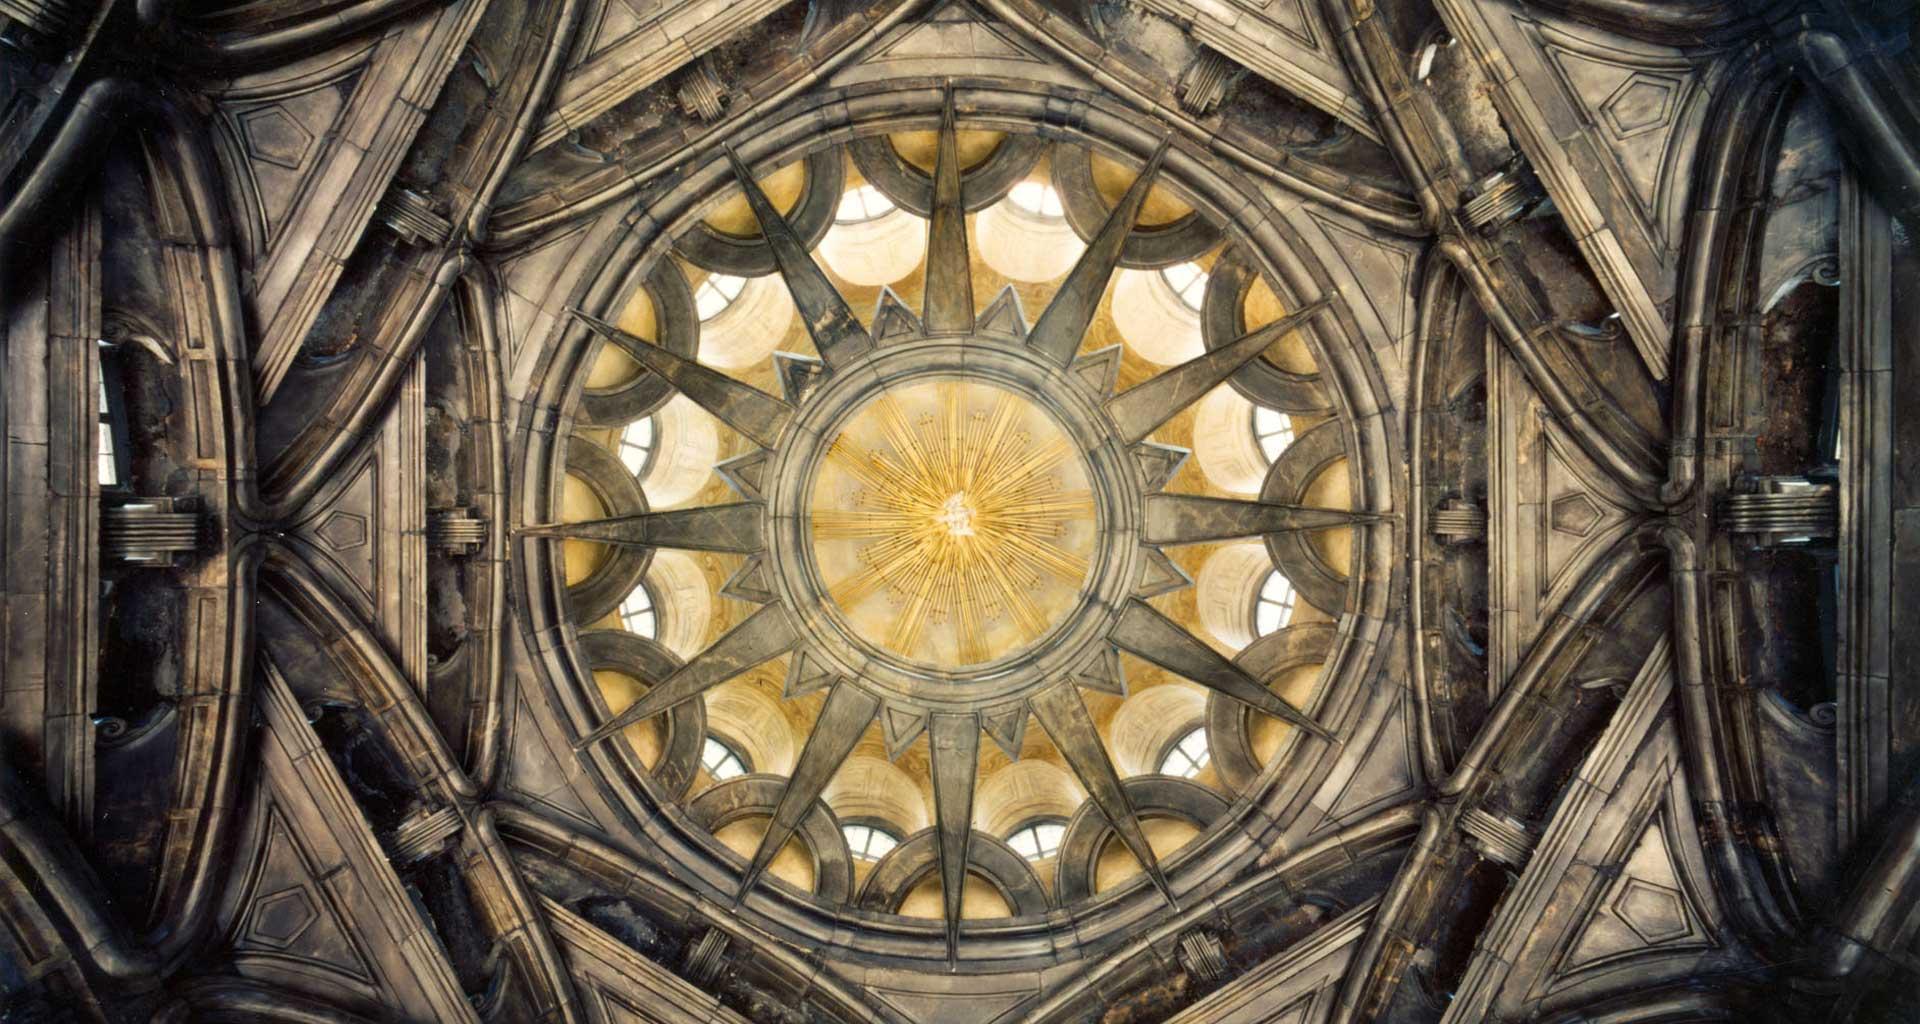 14mila visitatori alla Cappella della Sindone di Torino nei quattro giorni dalla riapertura